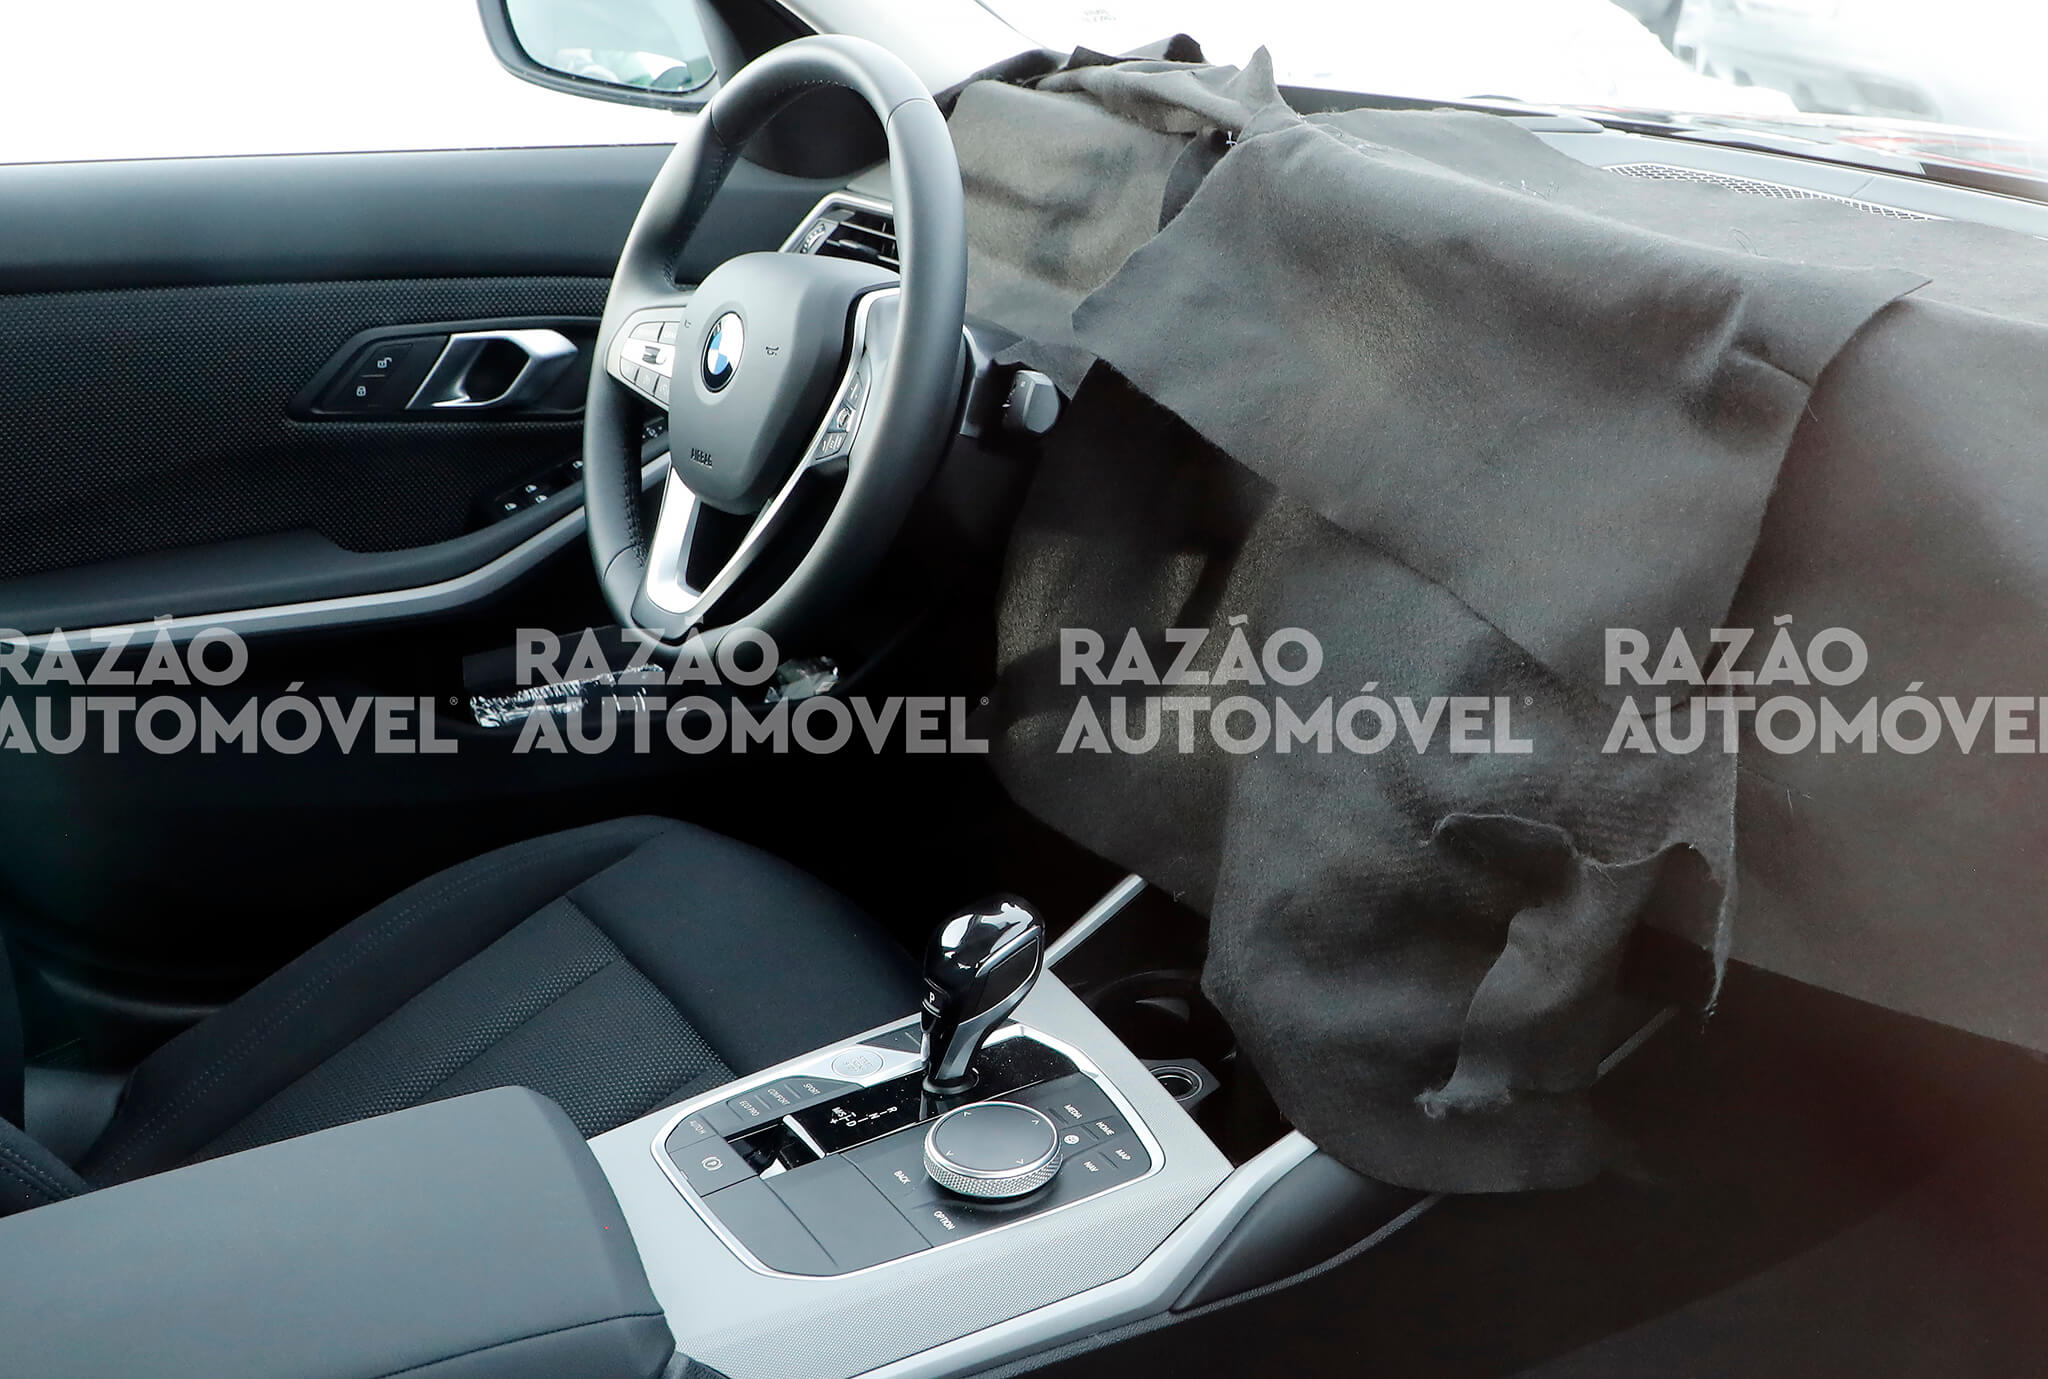 BMW Série 3 fotos-espia